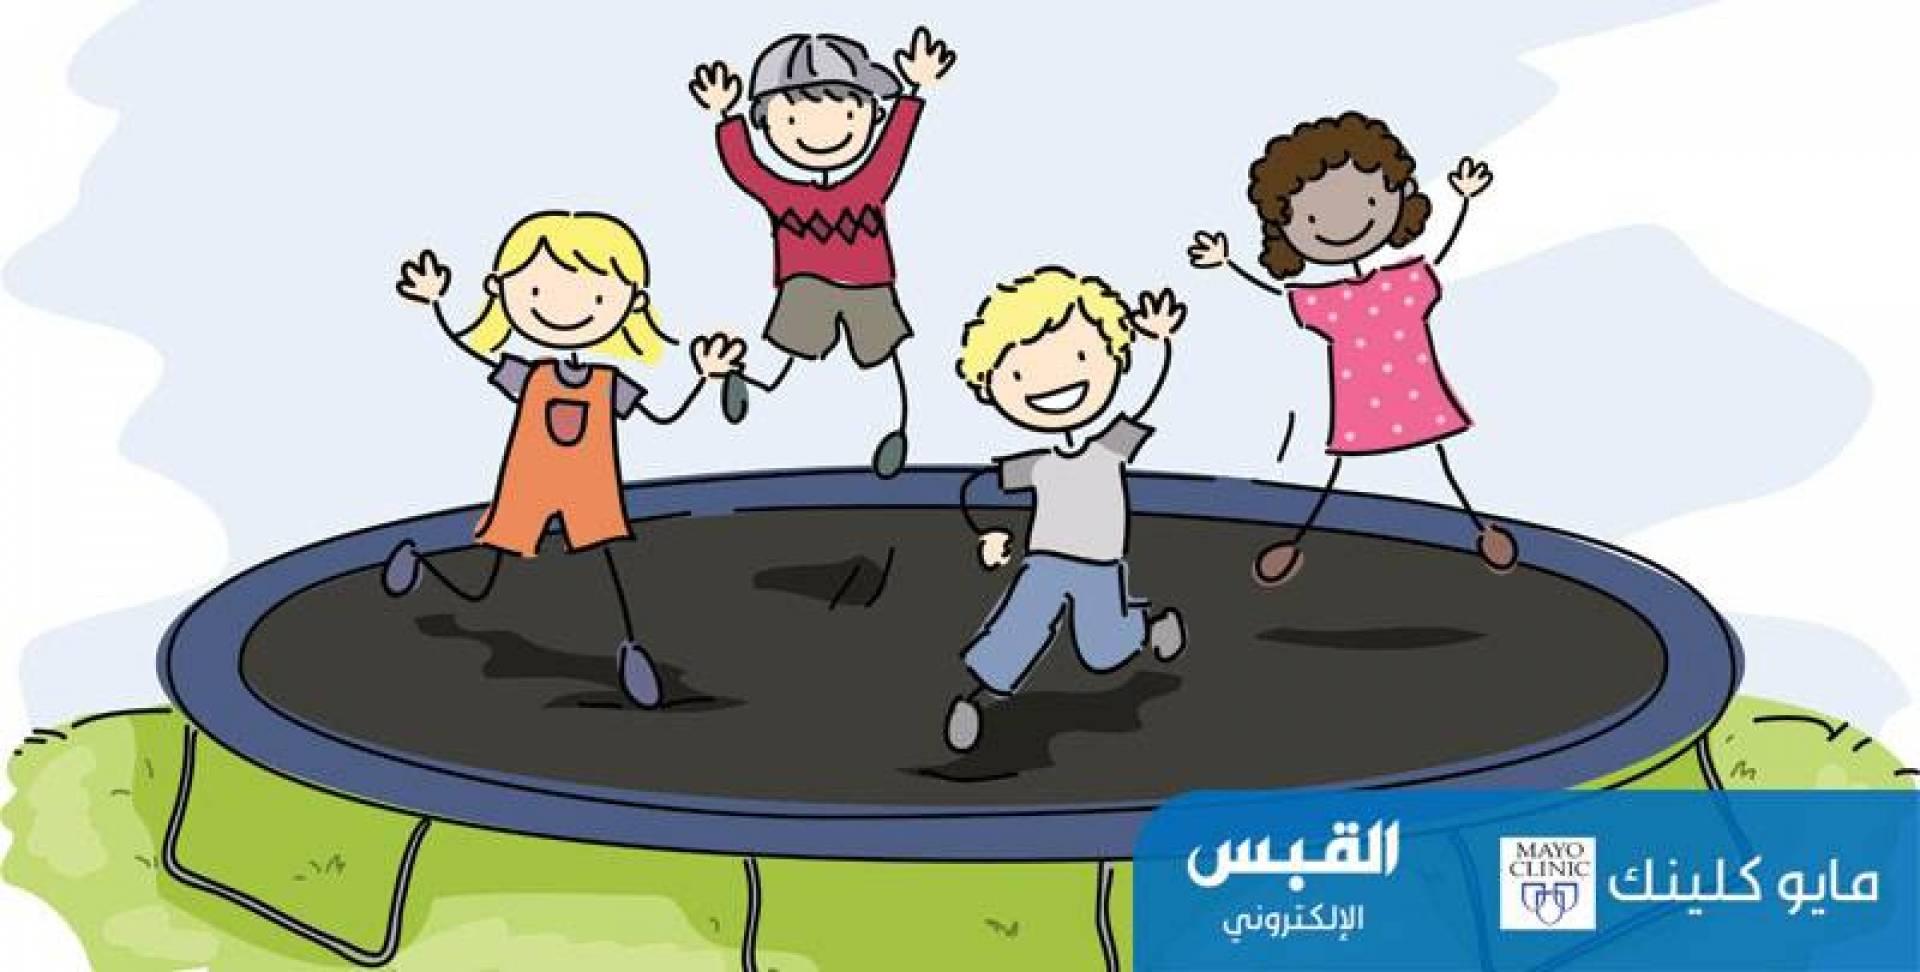 نصائح لقفز آمن للأطفال على «الترامبولين»